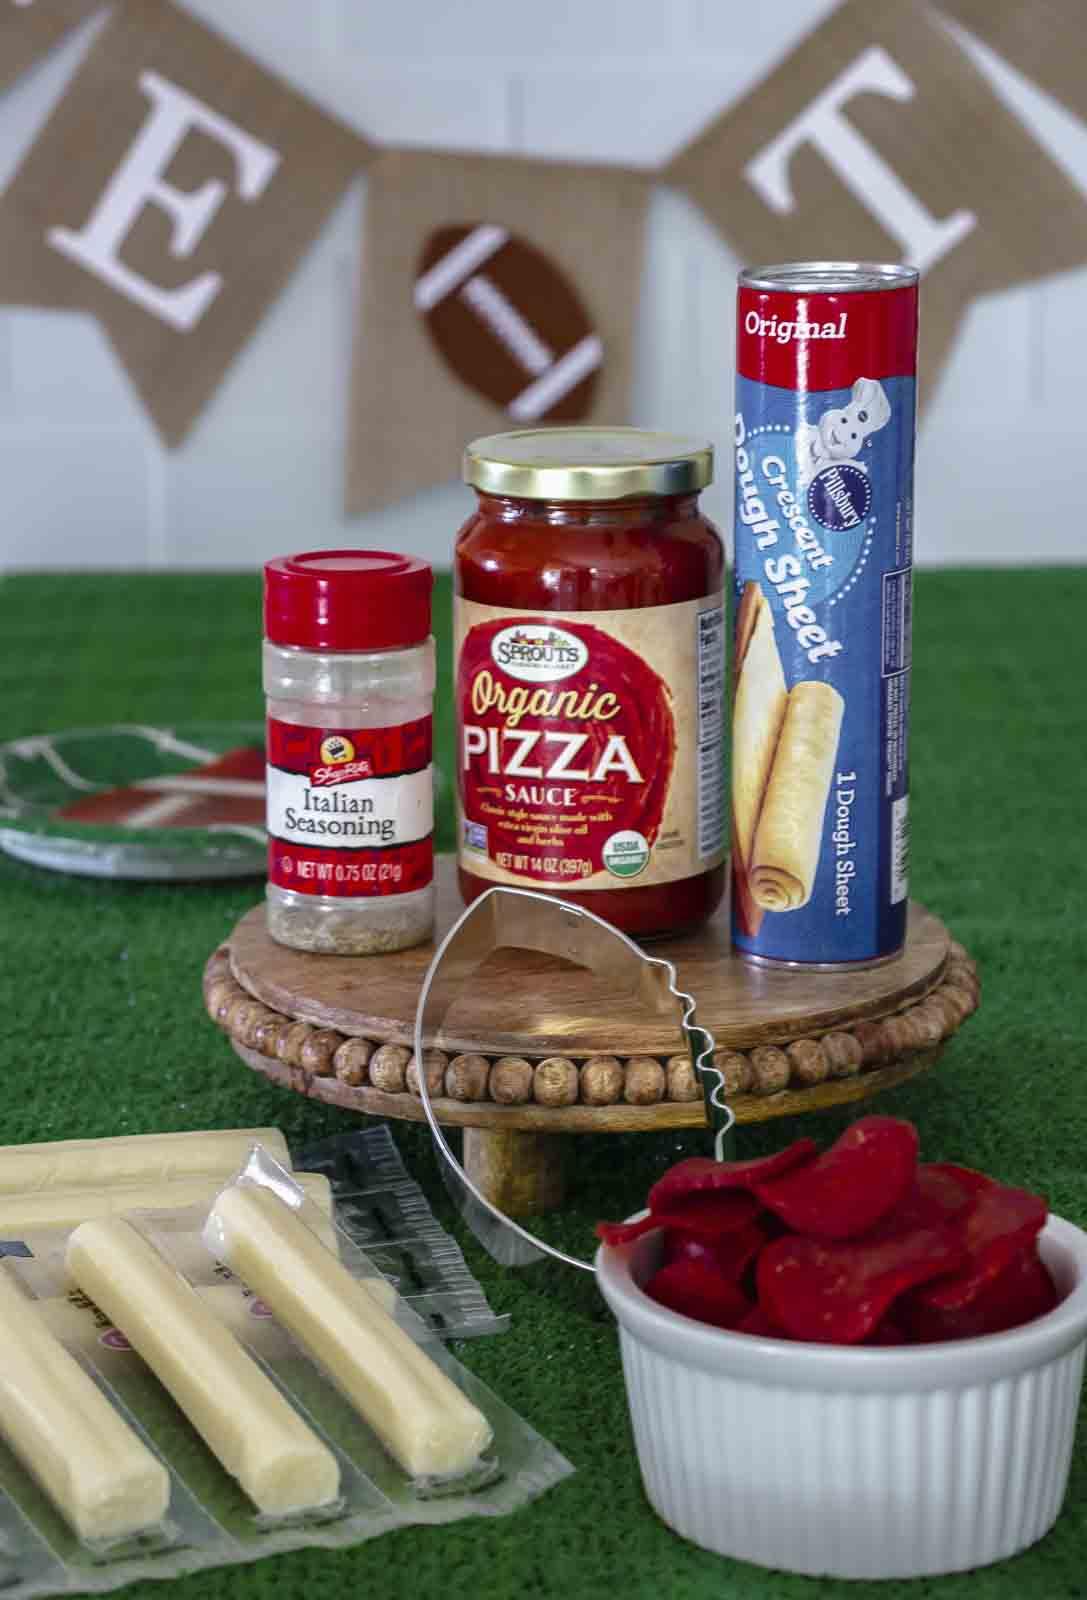 Ingredients to make mini football pizzas on fake grass.